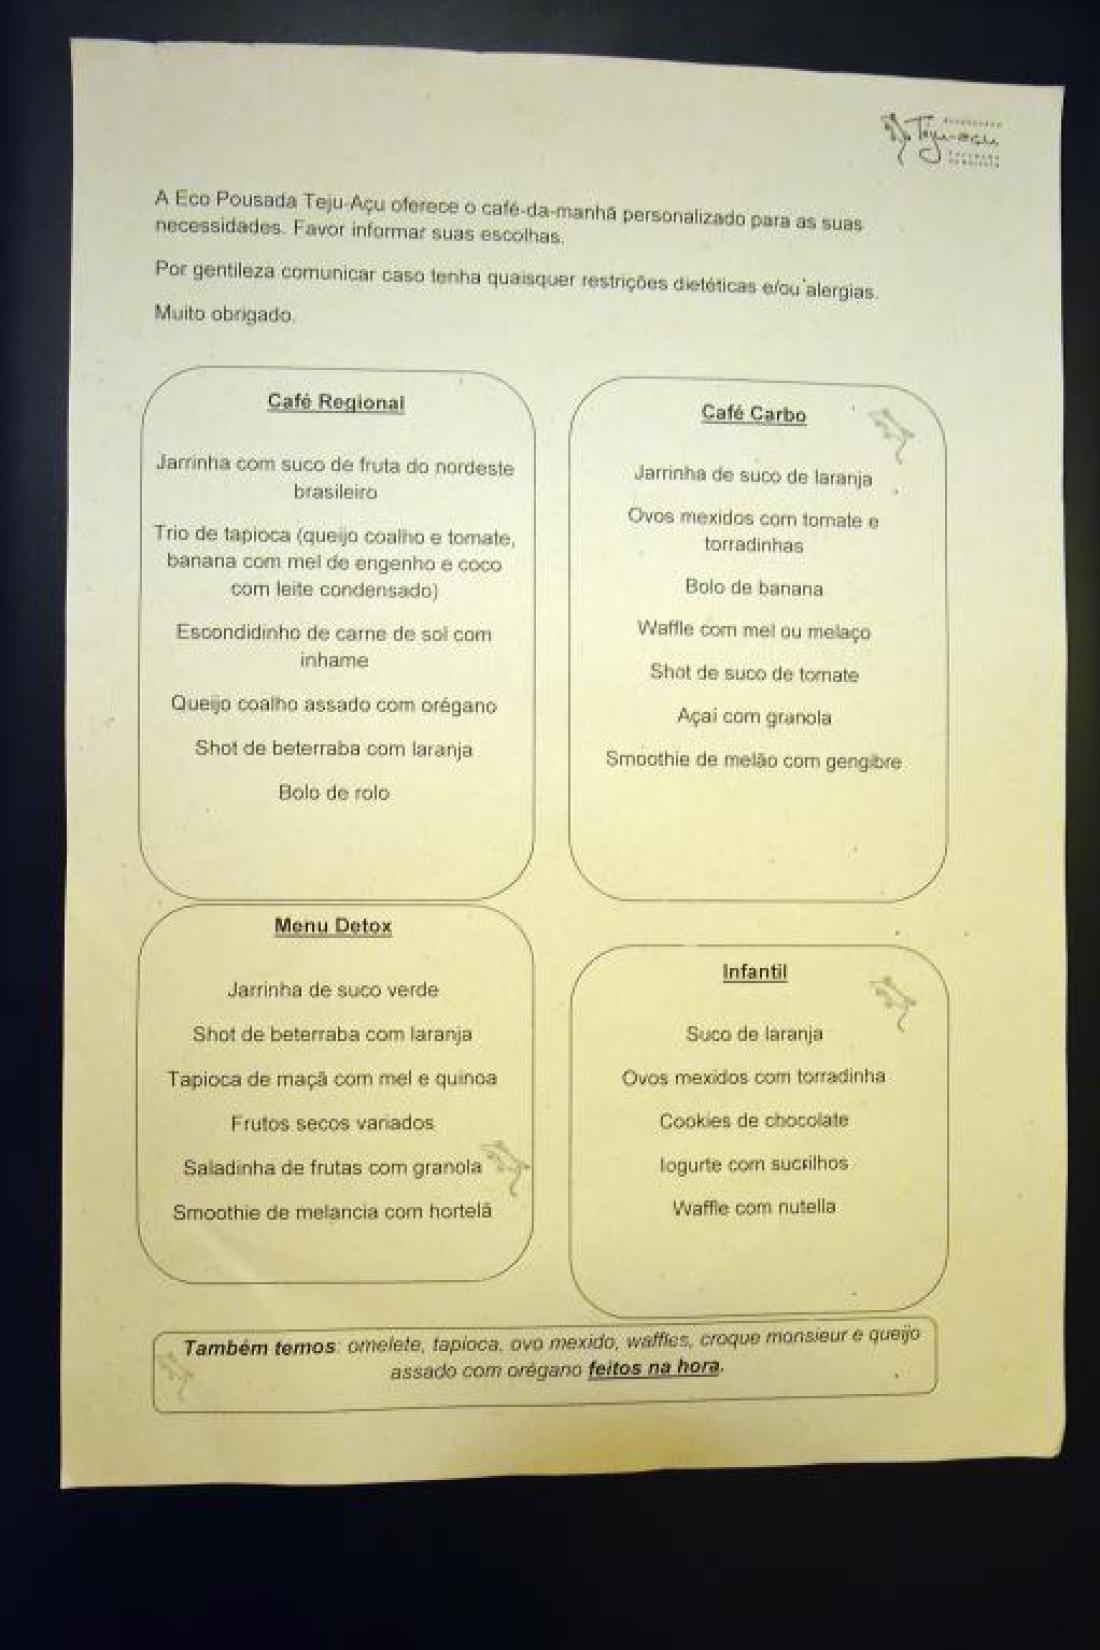 Teju-Açu-restaurante-fernando de noronha- comerdomirviajar.com (36)